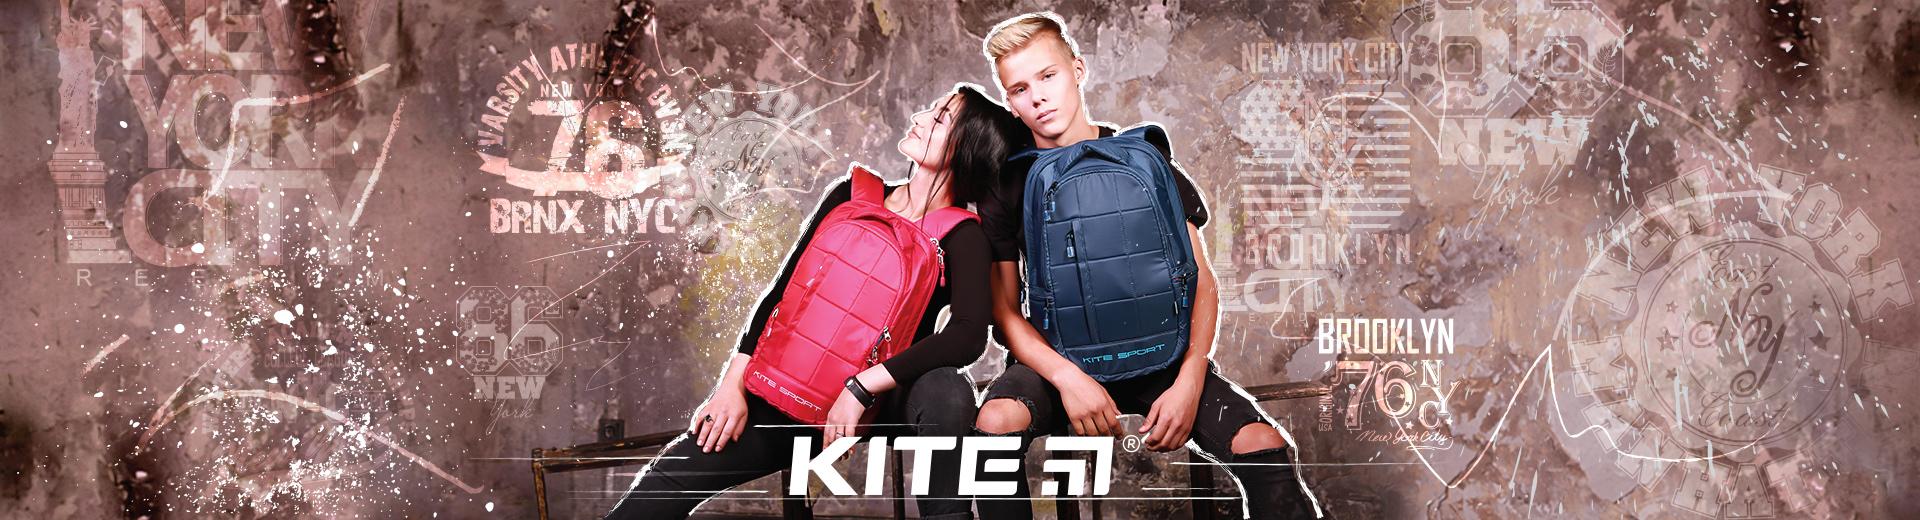 kite_1_new_0